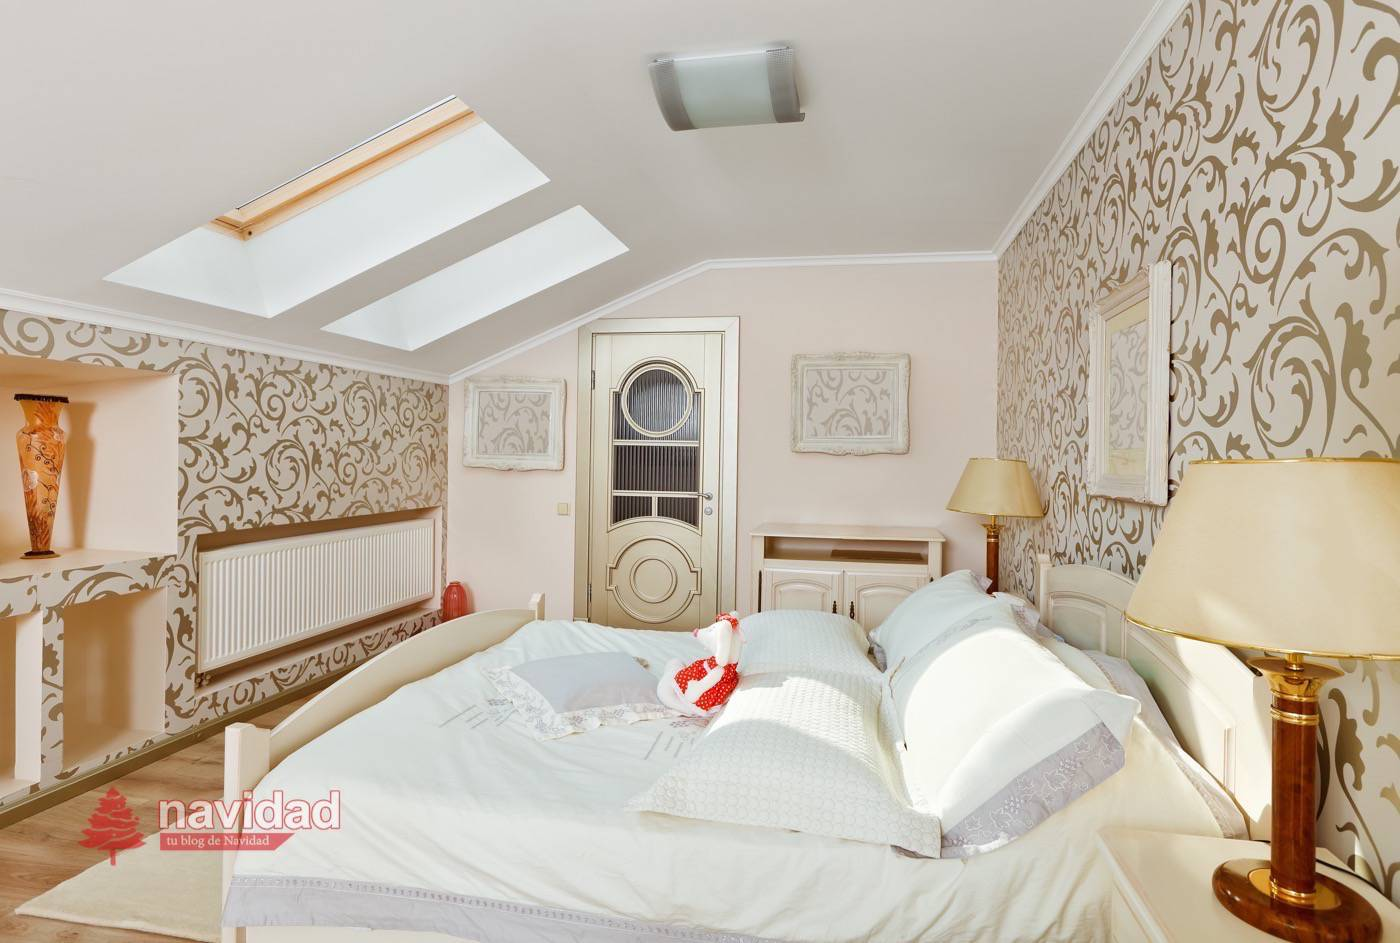 Decoraci n navide a de dormitorios en blanco navidad - Decoracion dormitorio blanco ...